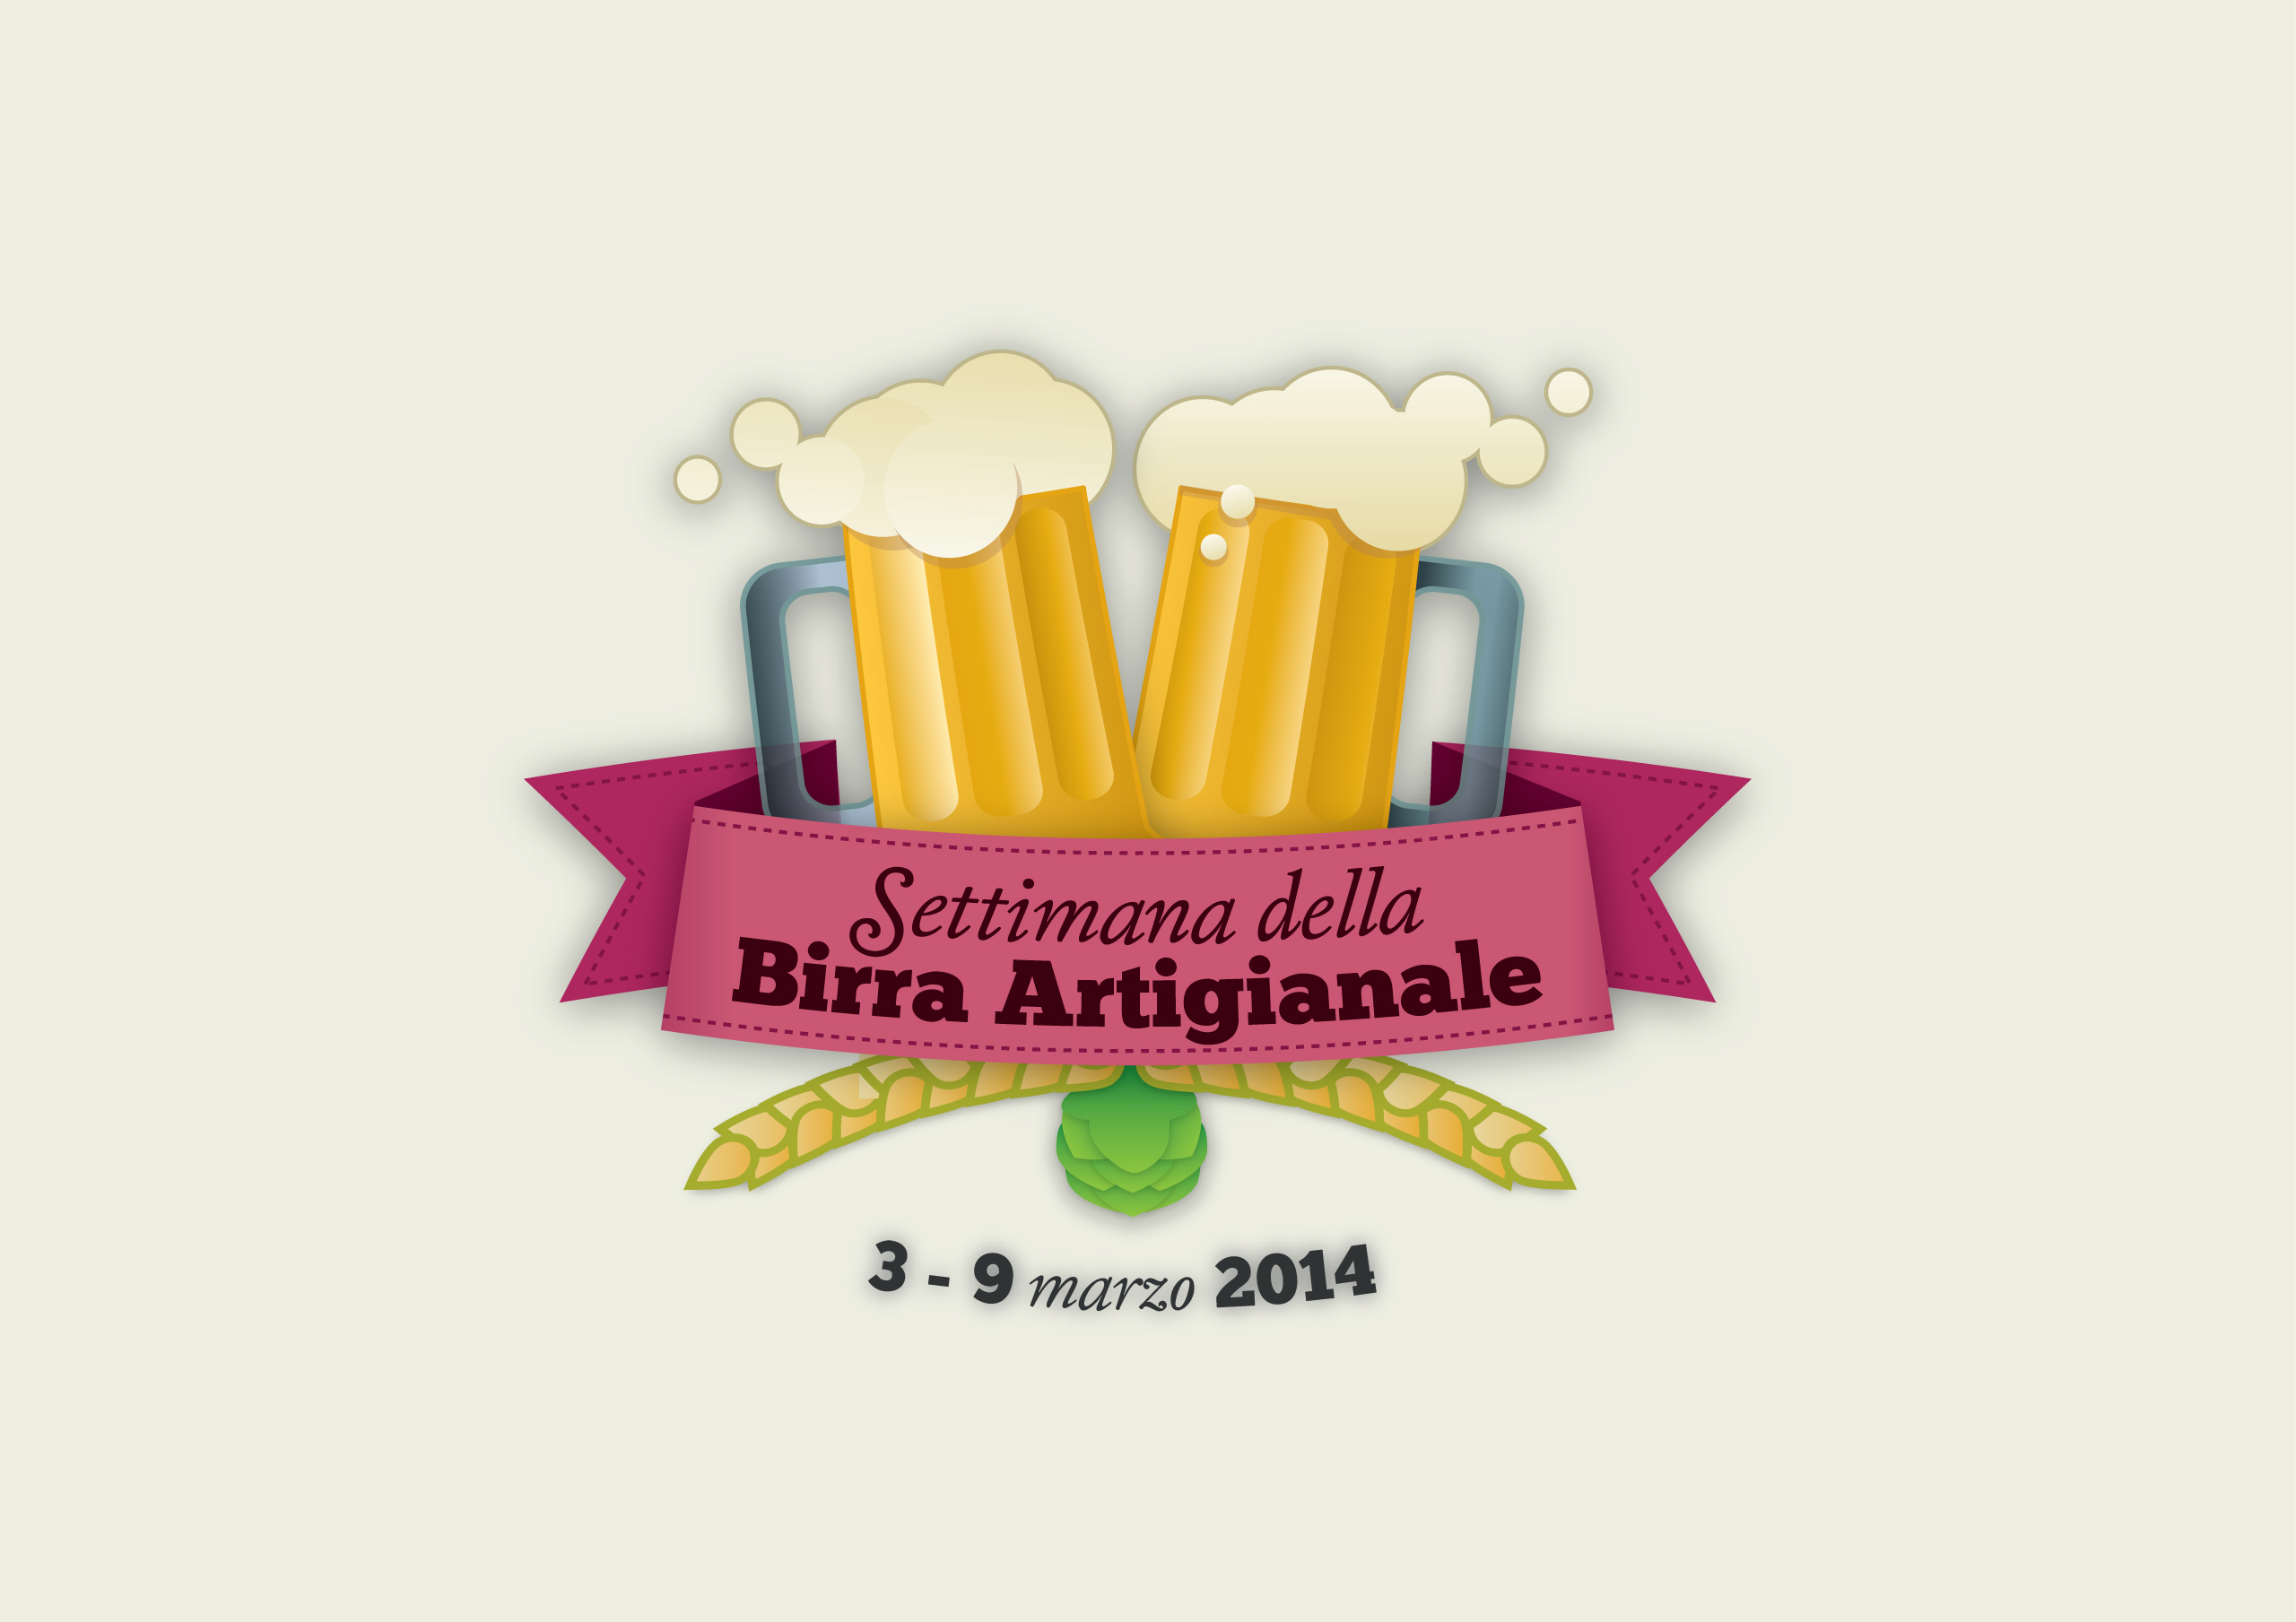 La settimana della Birra Artigianale 2014